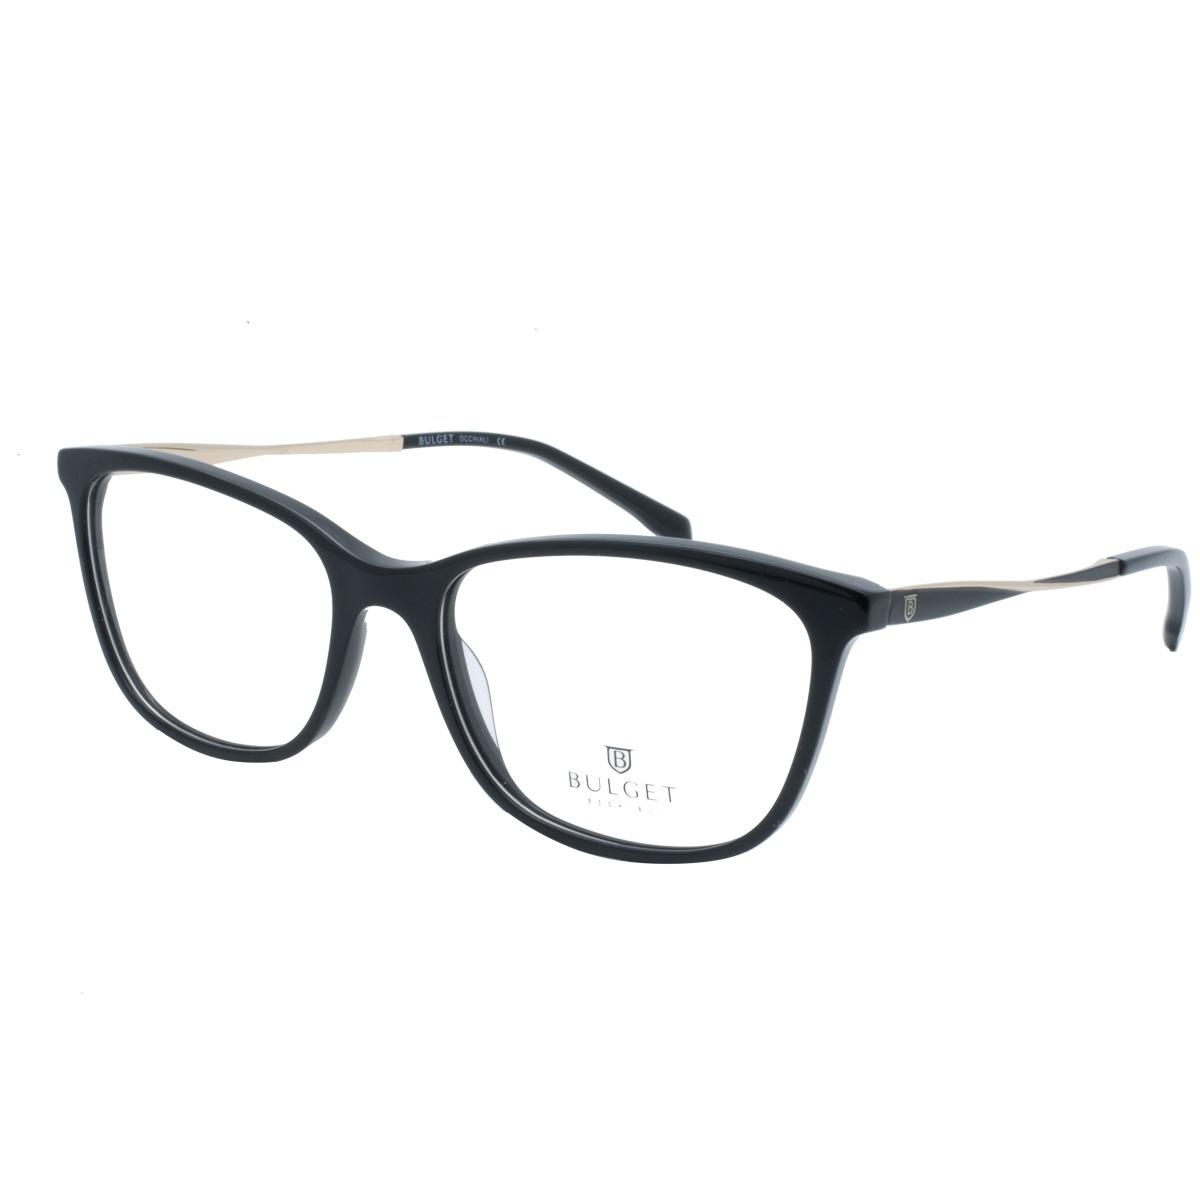 2270e3ec6 Óculos De Grau Bulget Feminino Original Bg6262 - R$ 267,00 em ...